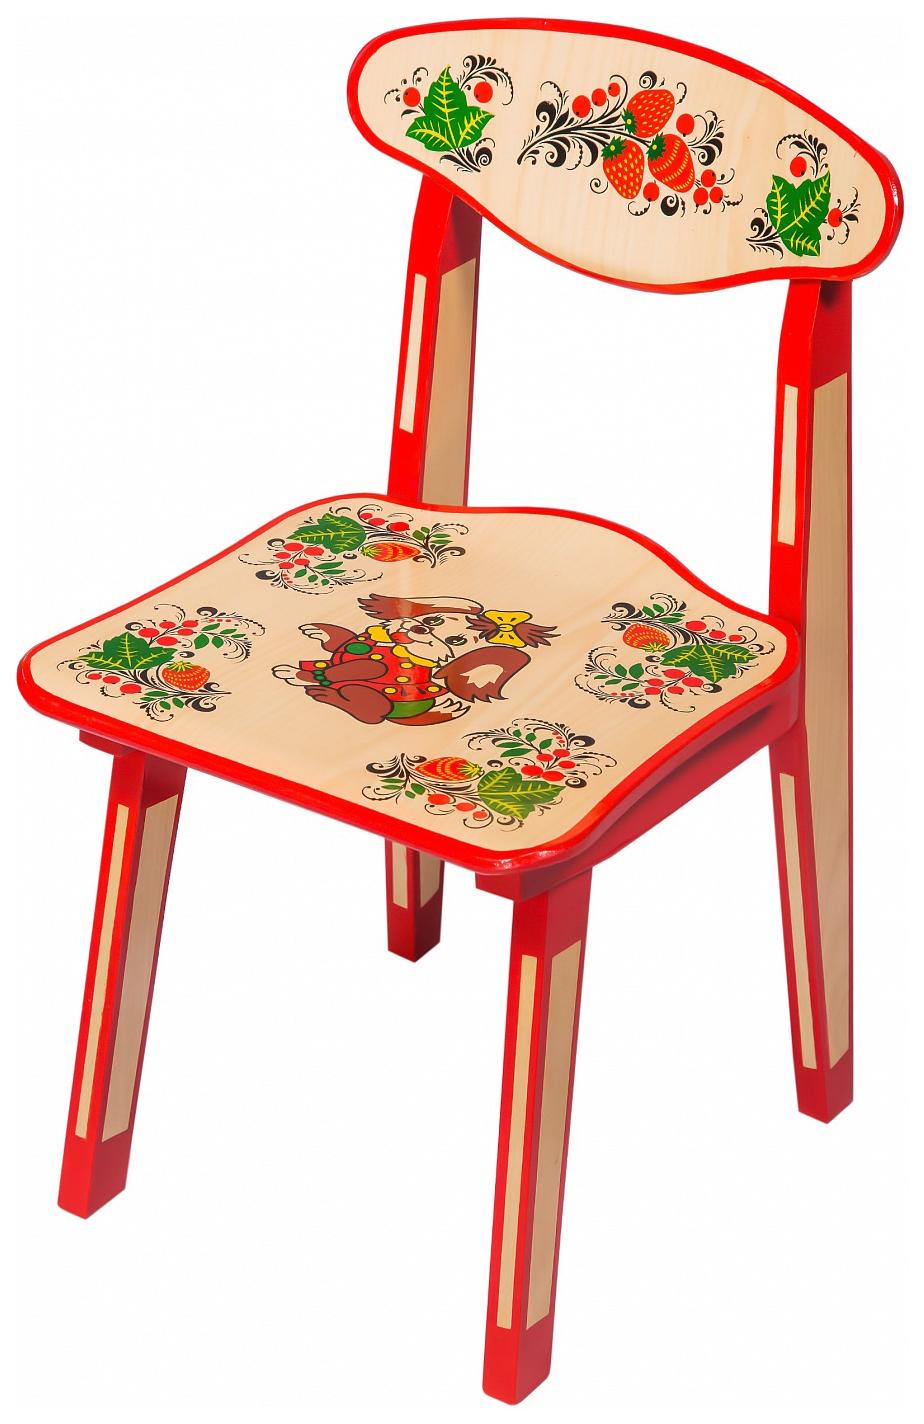 Купить Стул детский Хохлома Зверьки 50 см, Хохломская роспись, Детские стульчики